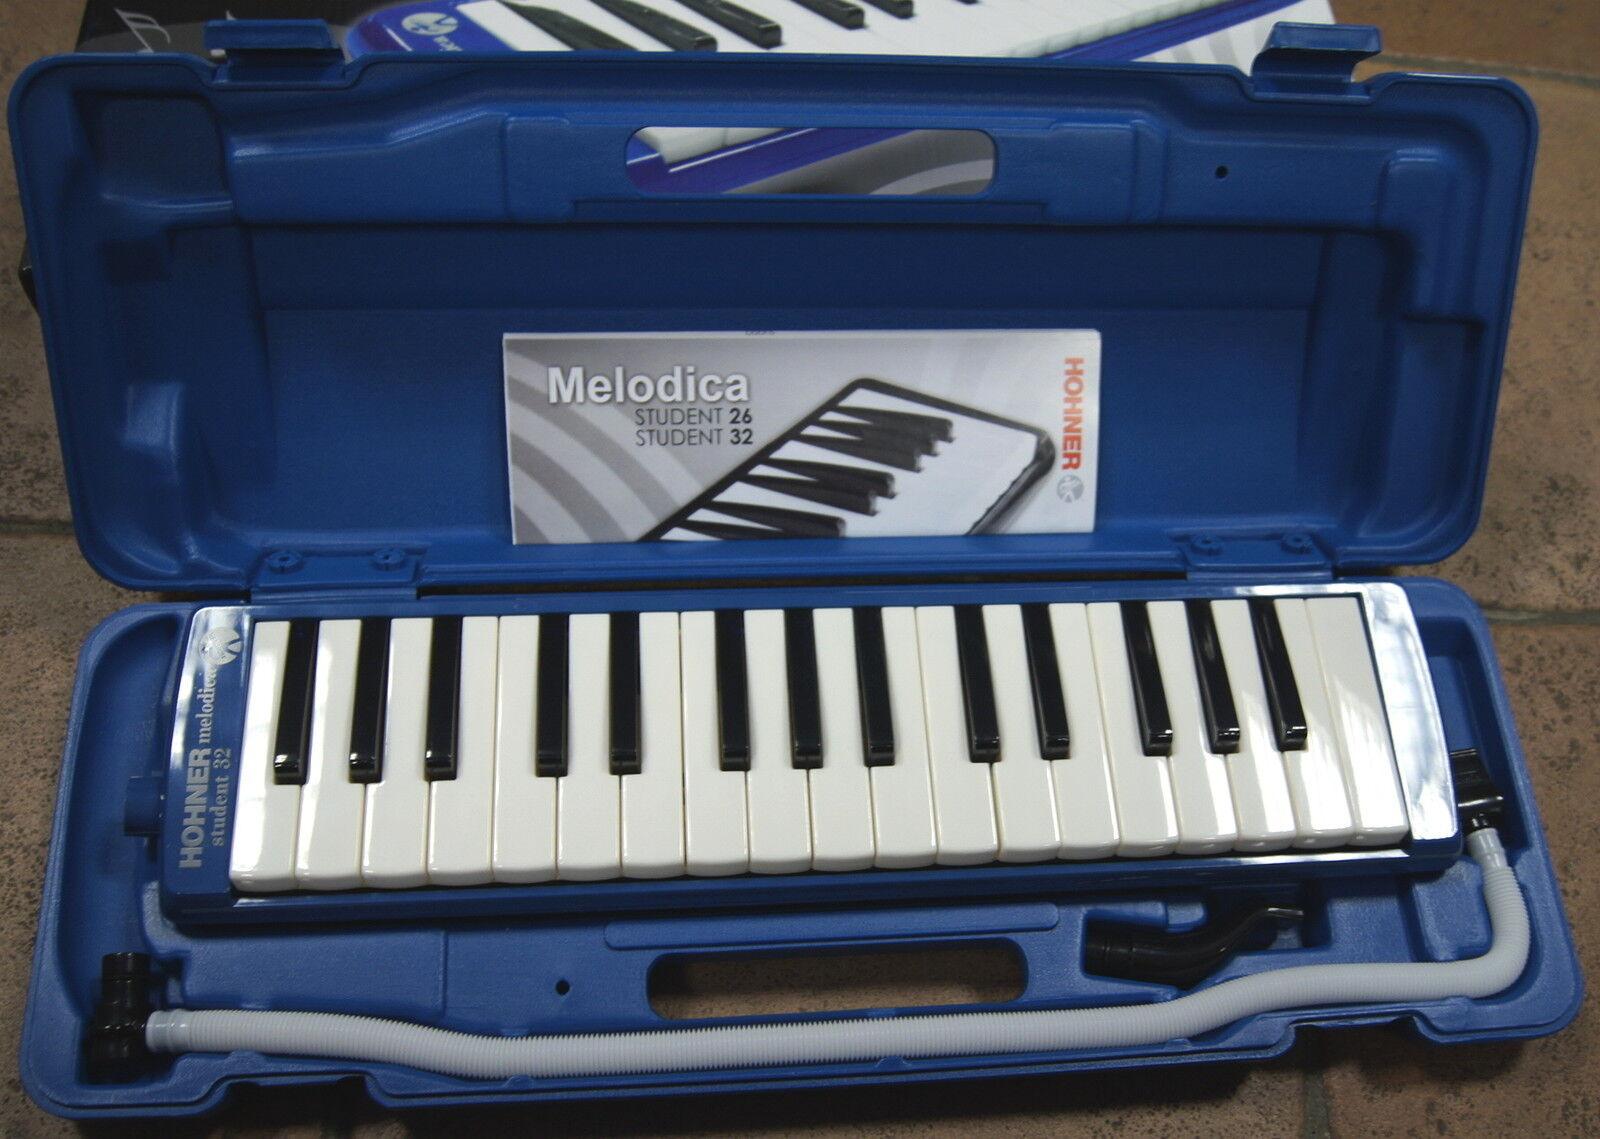 Melodica HOHNER Studente 32 a tasti pianoforte, 32 Note. Strumento in un caso